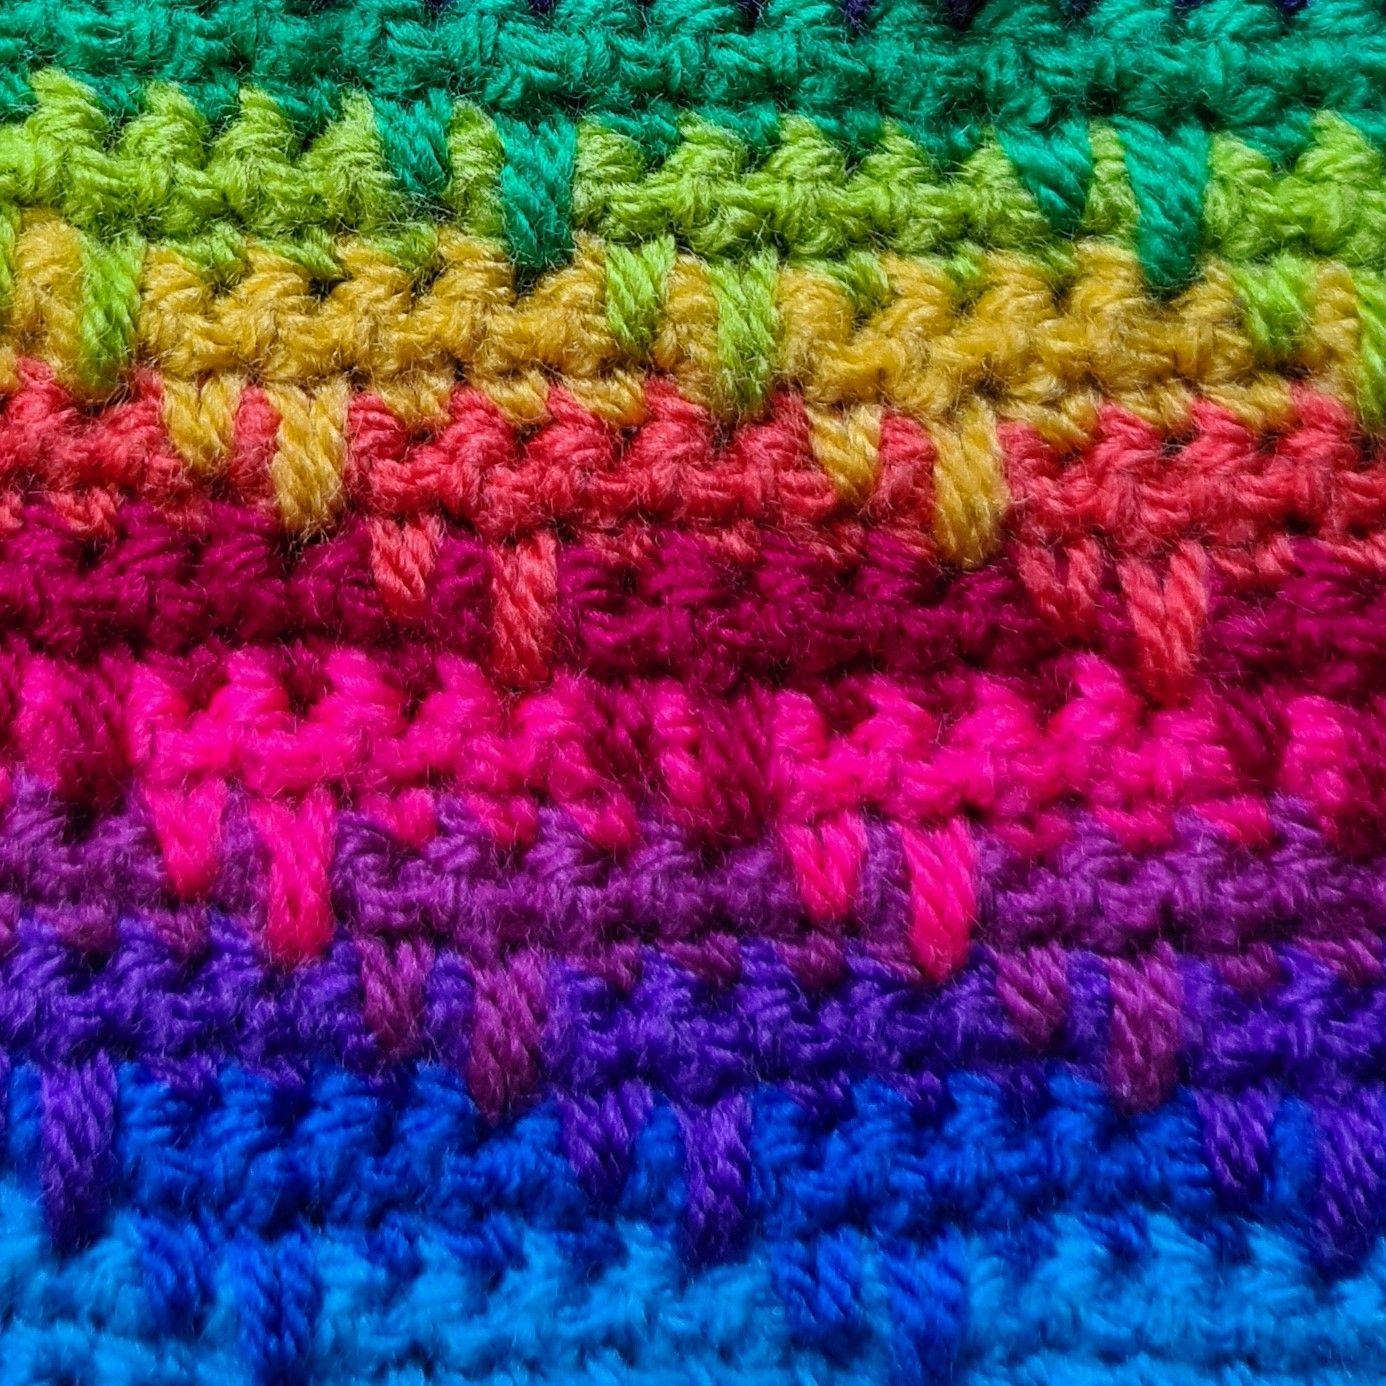 Diana Bensted - Crochet masterclass 3 spike